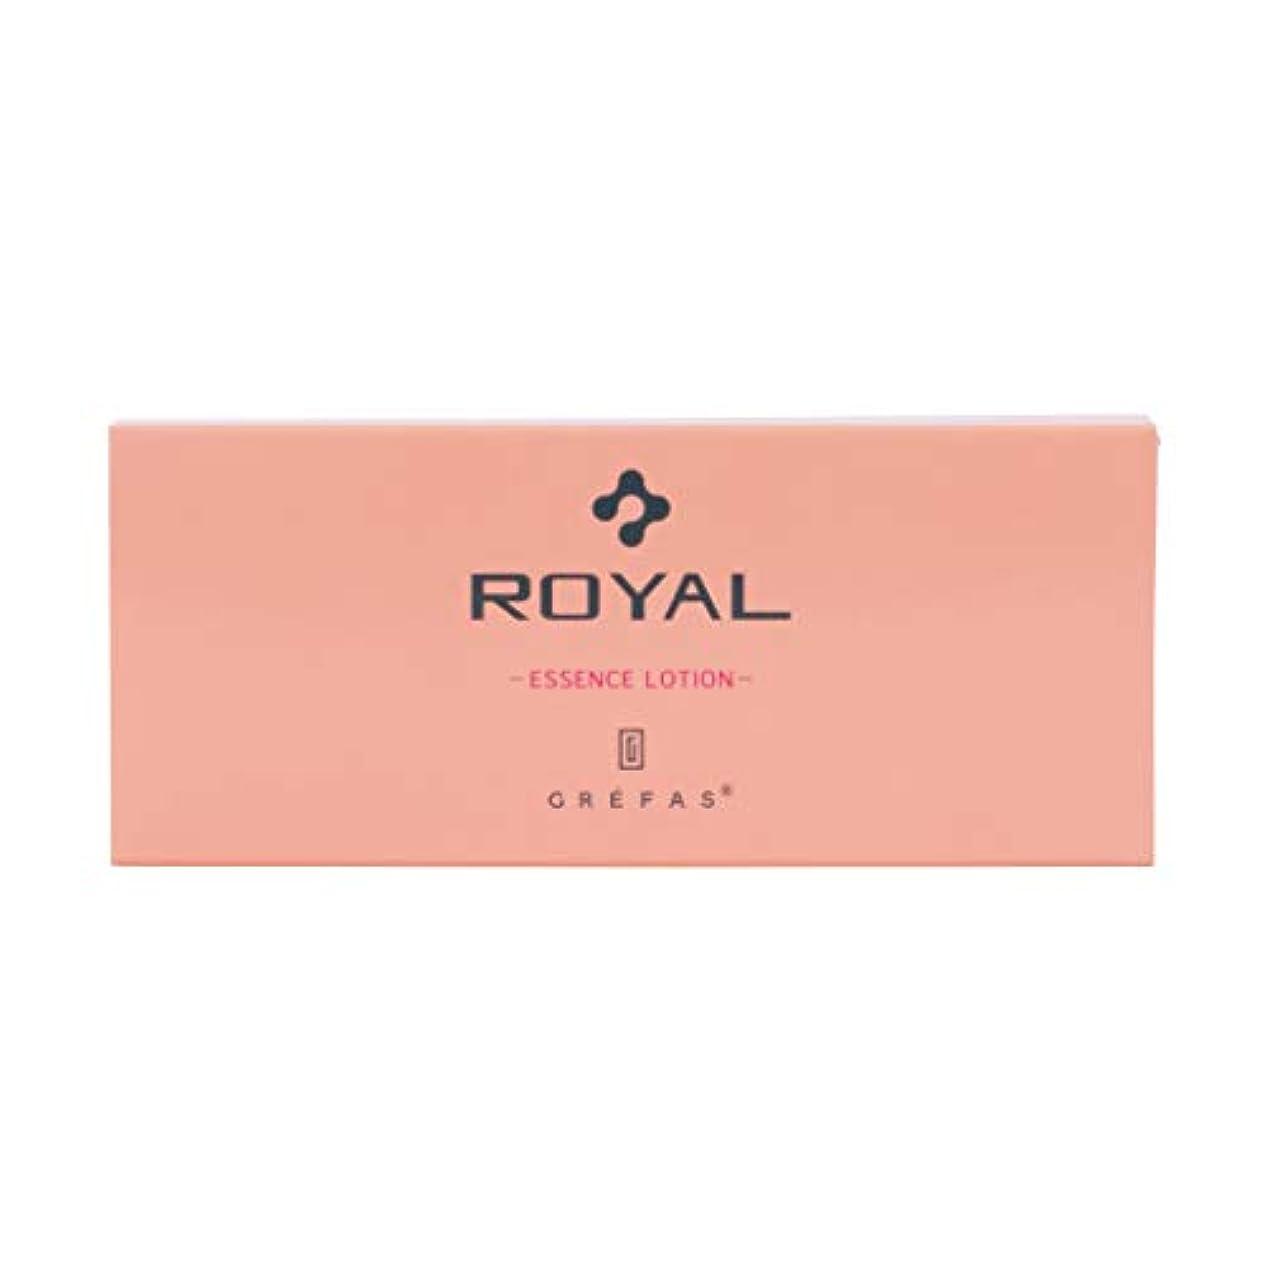 名前を作る探すランクGREFAS ROYAL エッセンスローション 1.3ml×10袋